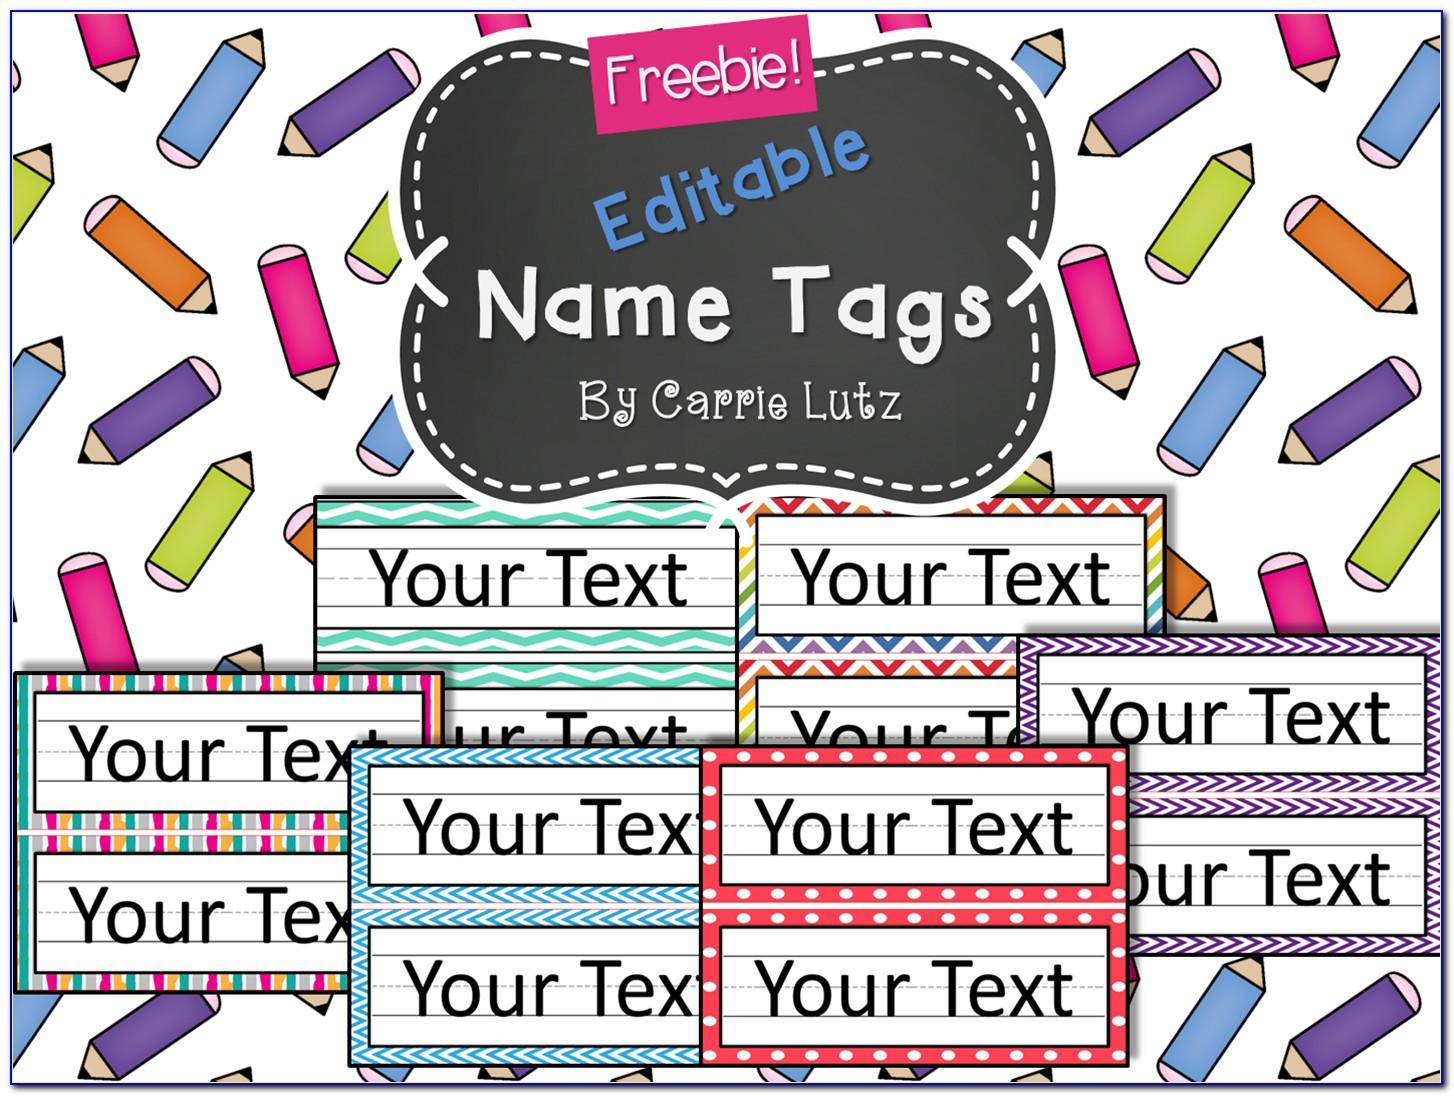 Free Printable Editable Name Tags